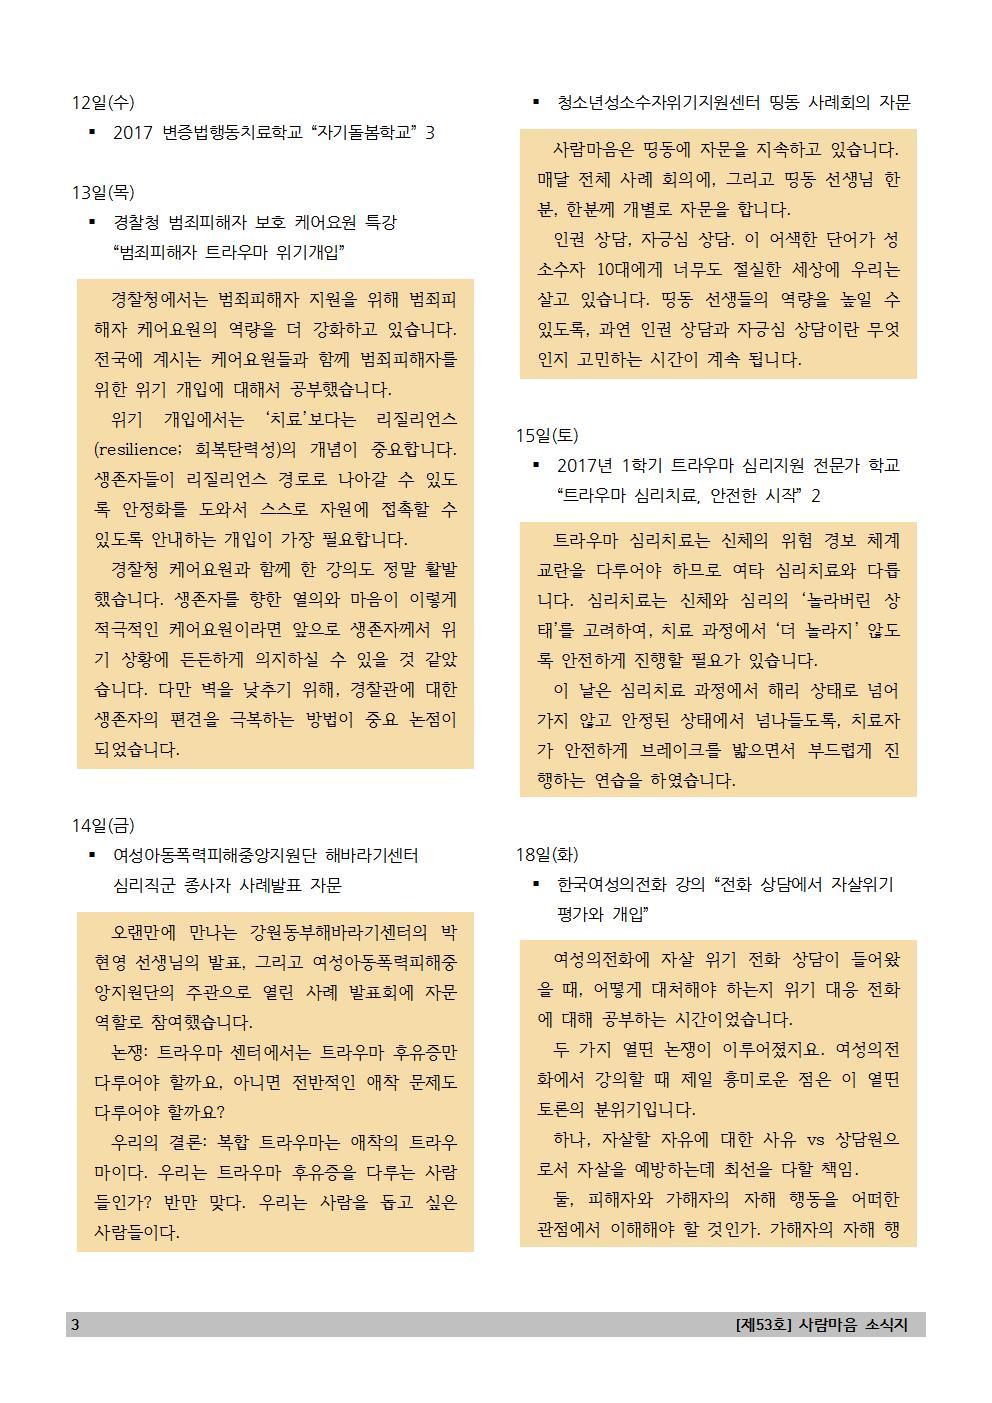 201705_53rd_news letter (3).jpg